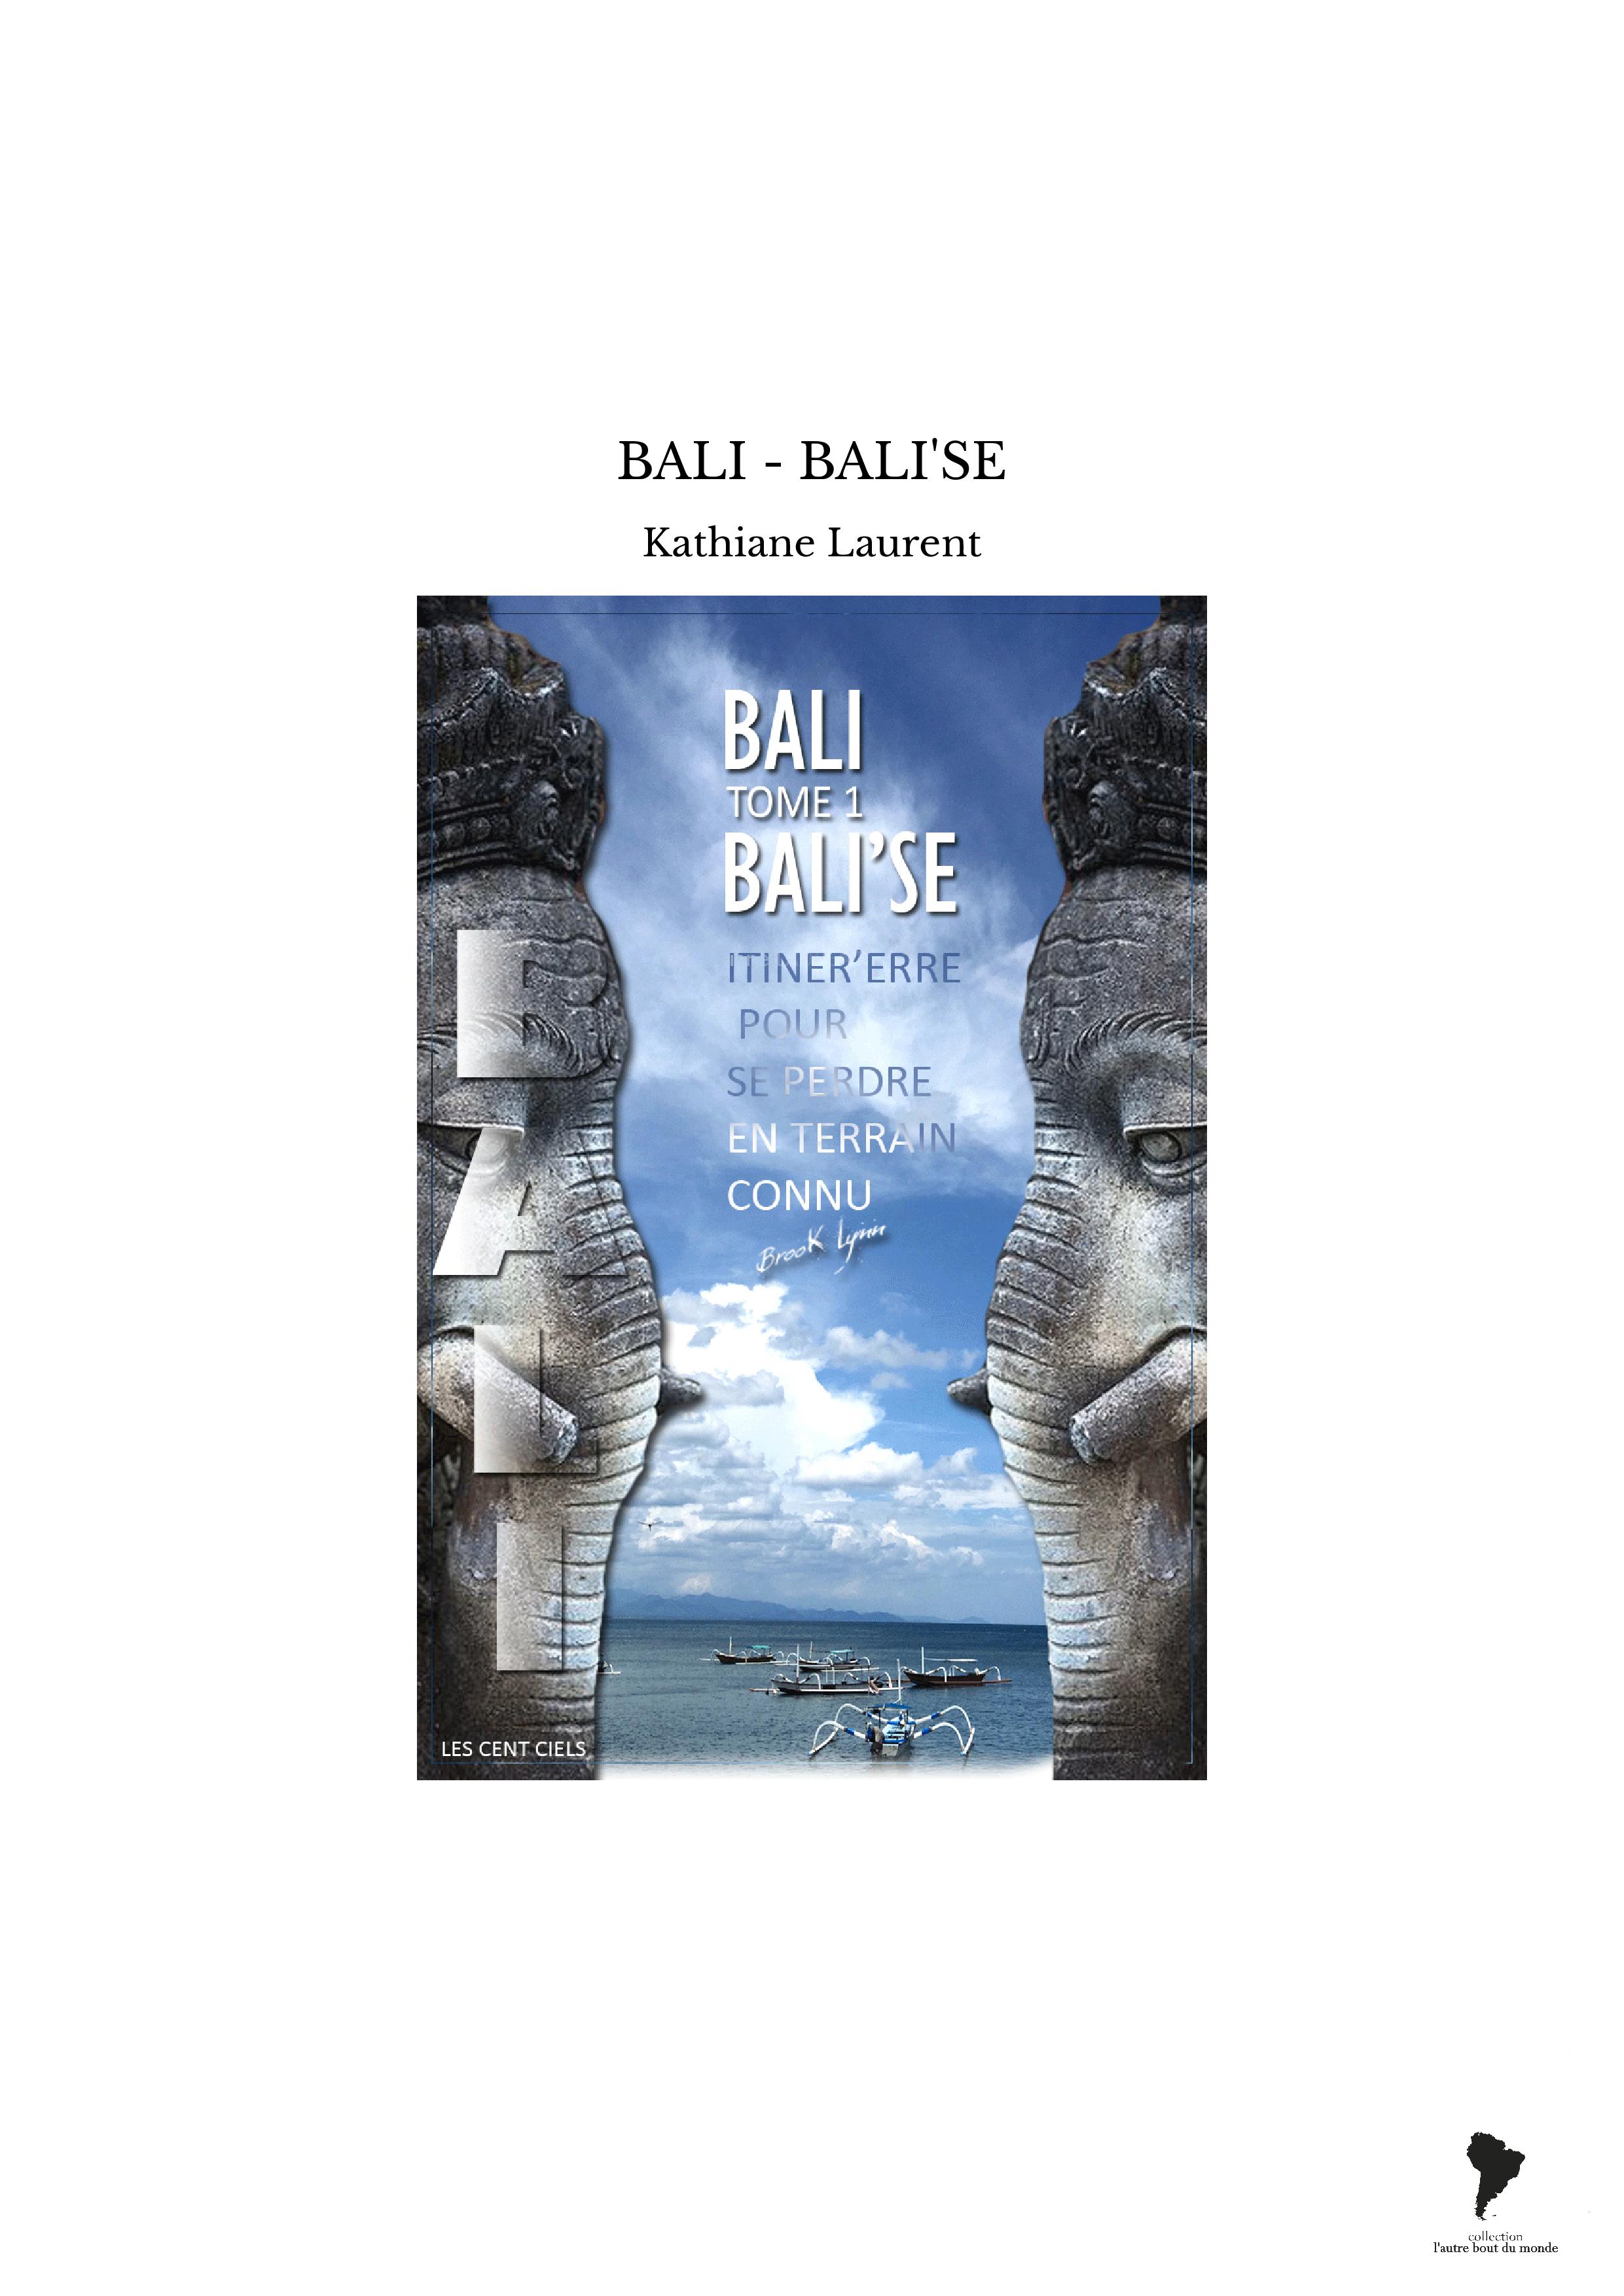 BALI - BALI'SE